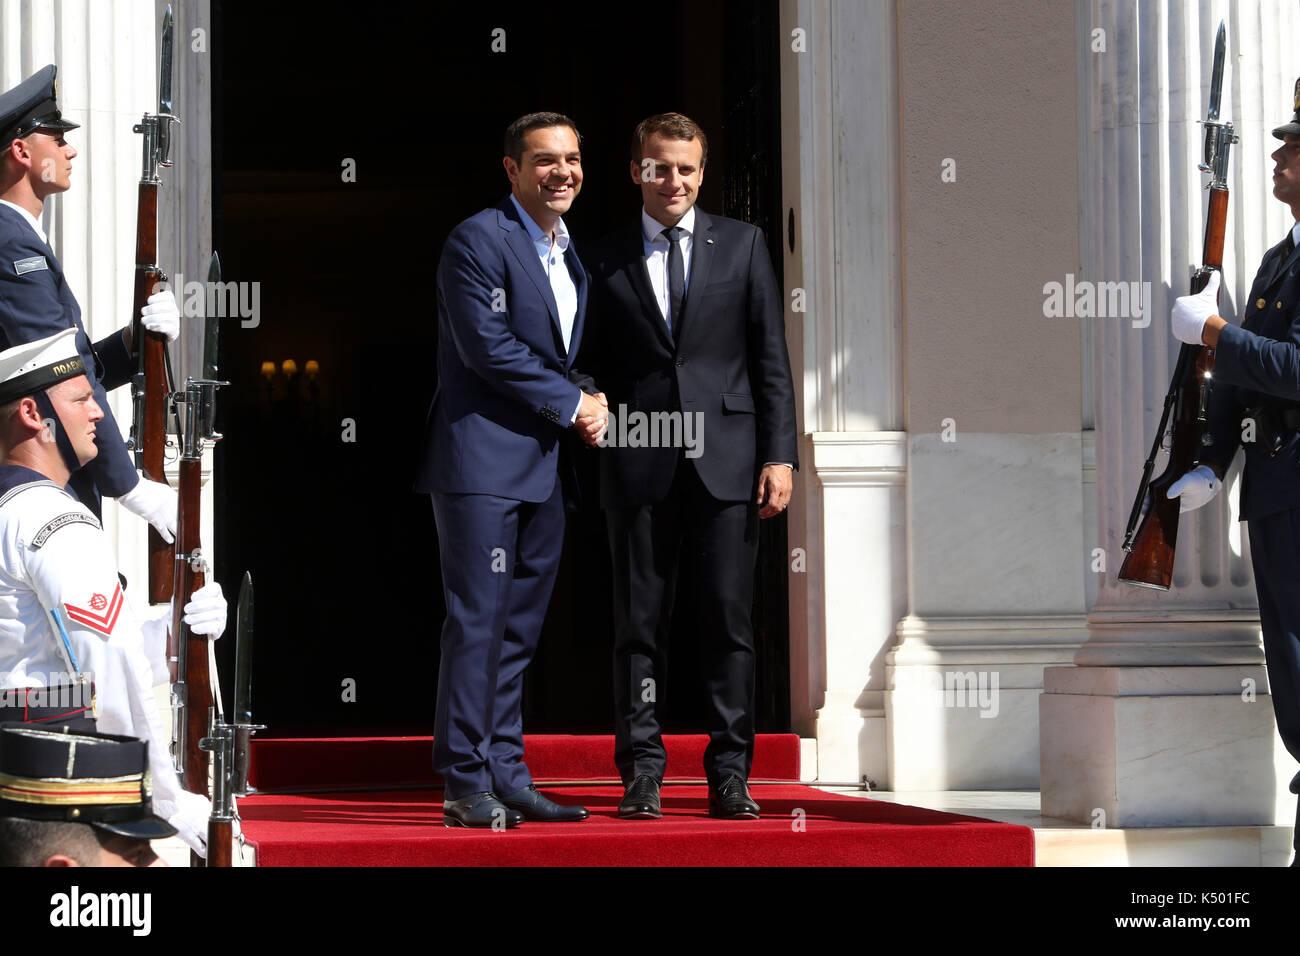 ¿Cuánto mide Alexis Tsipras? - Real height Atenas-grecia-07-sep-2017-primer-ministro-griego-alexis-tsipras-agita-las-manos-con-el-presidente-frances-emmanuel-macron-como-lo-acoge-durante-su-llegada-fuera-de-los-maximos-mansion-el-presidente-frances-emmanuel-macron-llega-a-grecia-para-una-visita-oficial-de-dos-dias-a-reunirse-el-primer-ministro-alexis-tsipras-griego-y-presidente-prokopis-pavlopoulos-credito-sopa-de-imagenes-limitadoalamy-live-news-k501fc